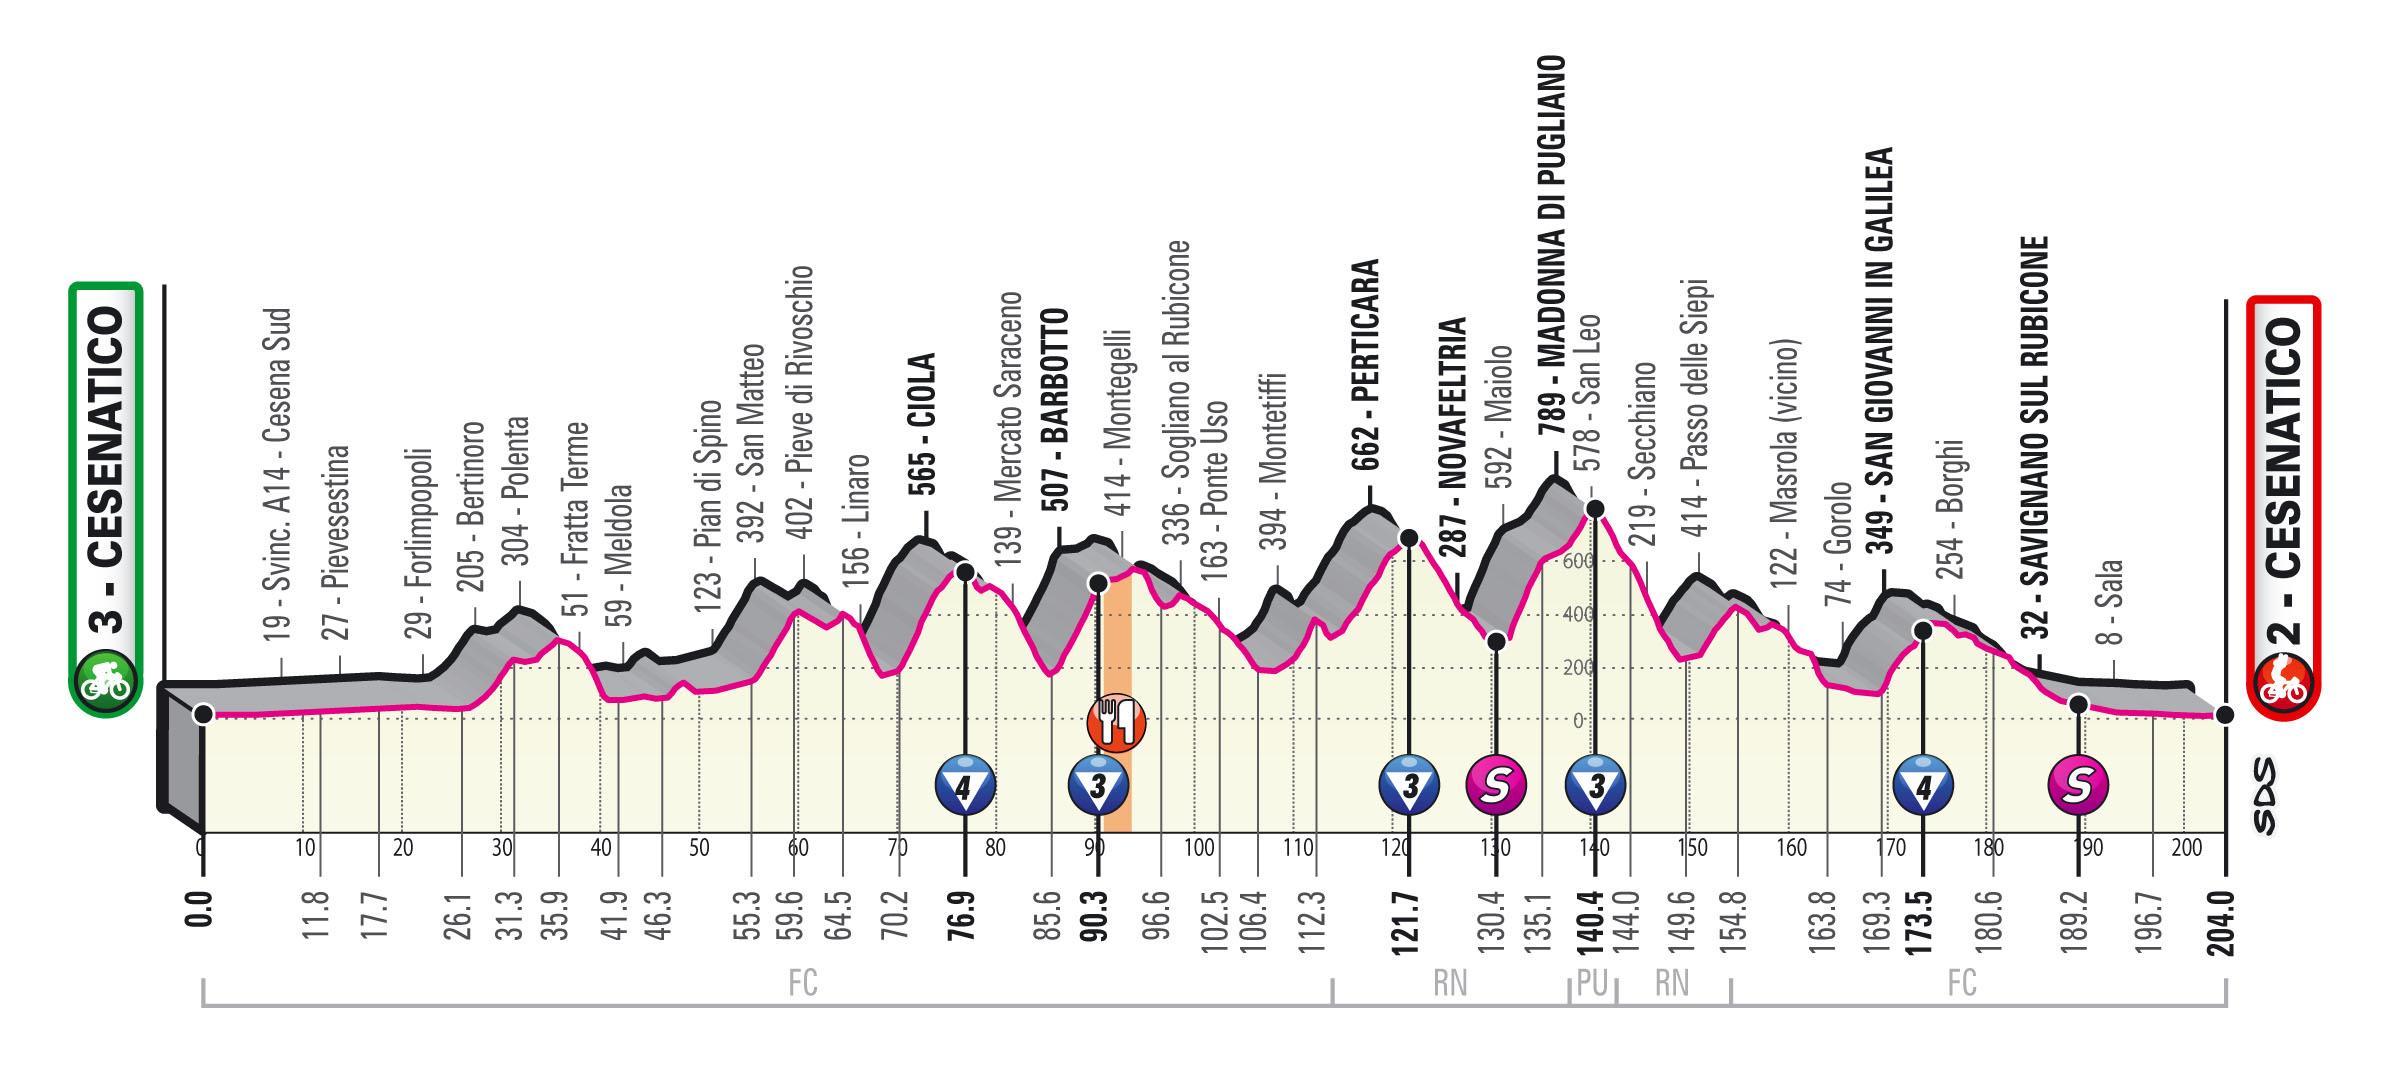 Giro 2020 etappe 12